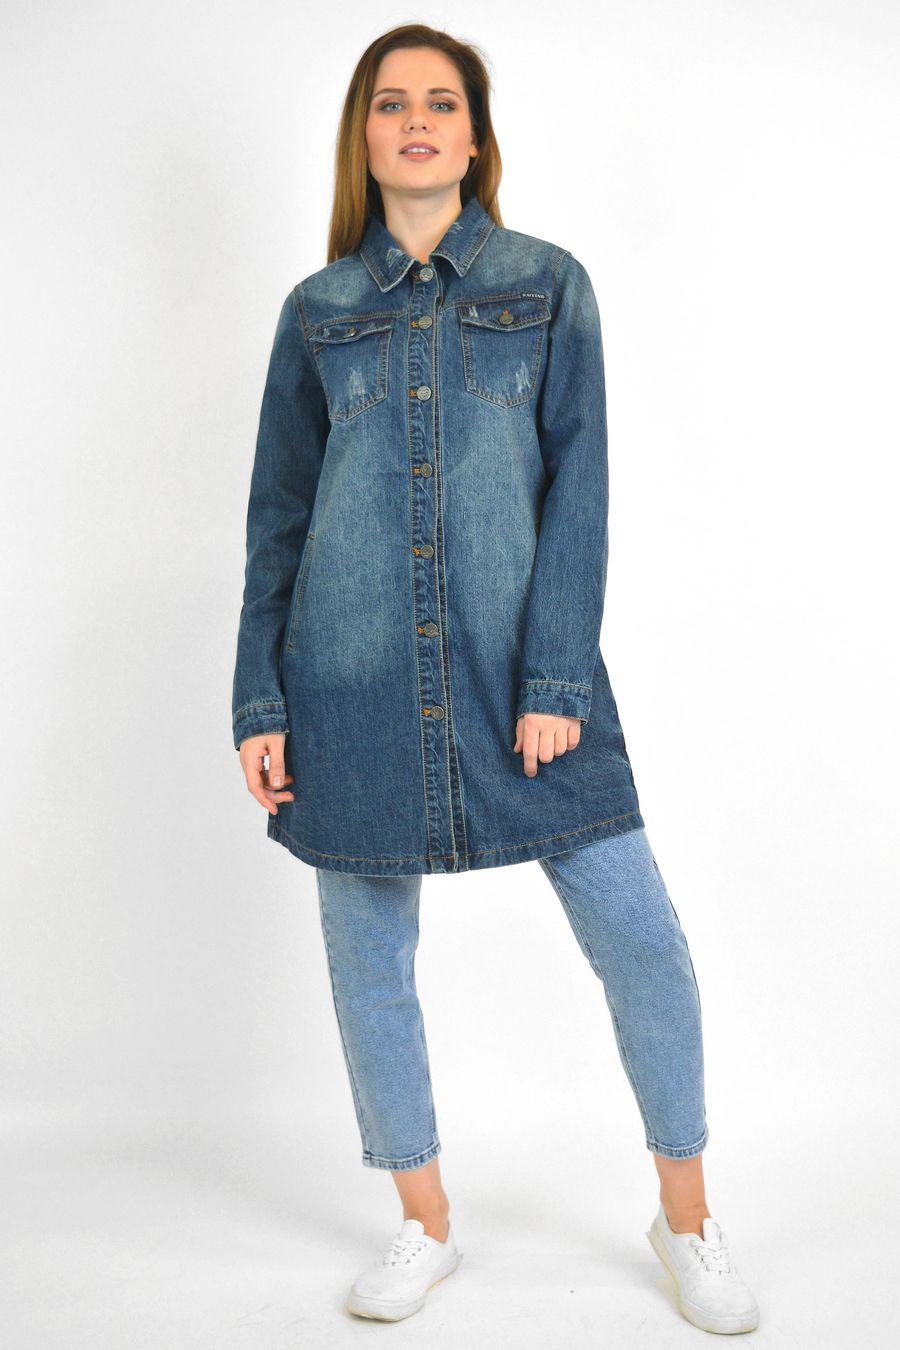 Рубашка женская Baccino 6099 джинсовая - фото 2